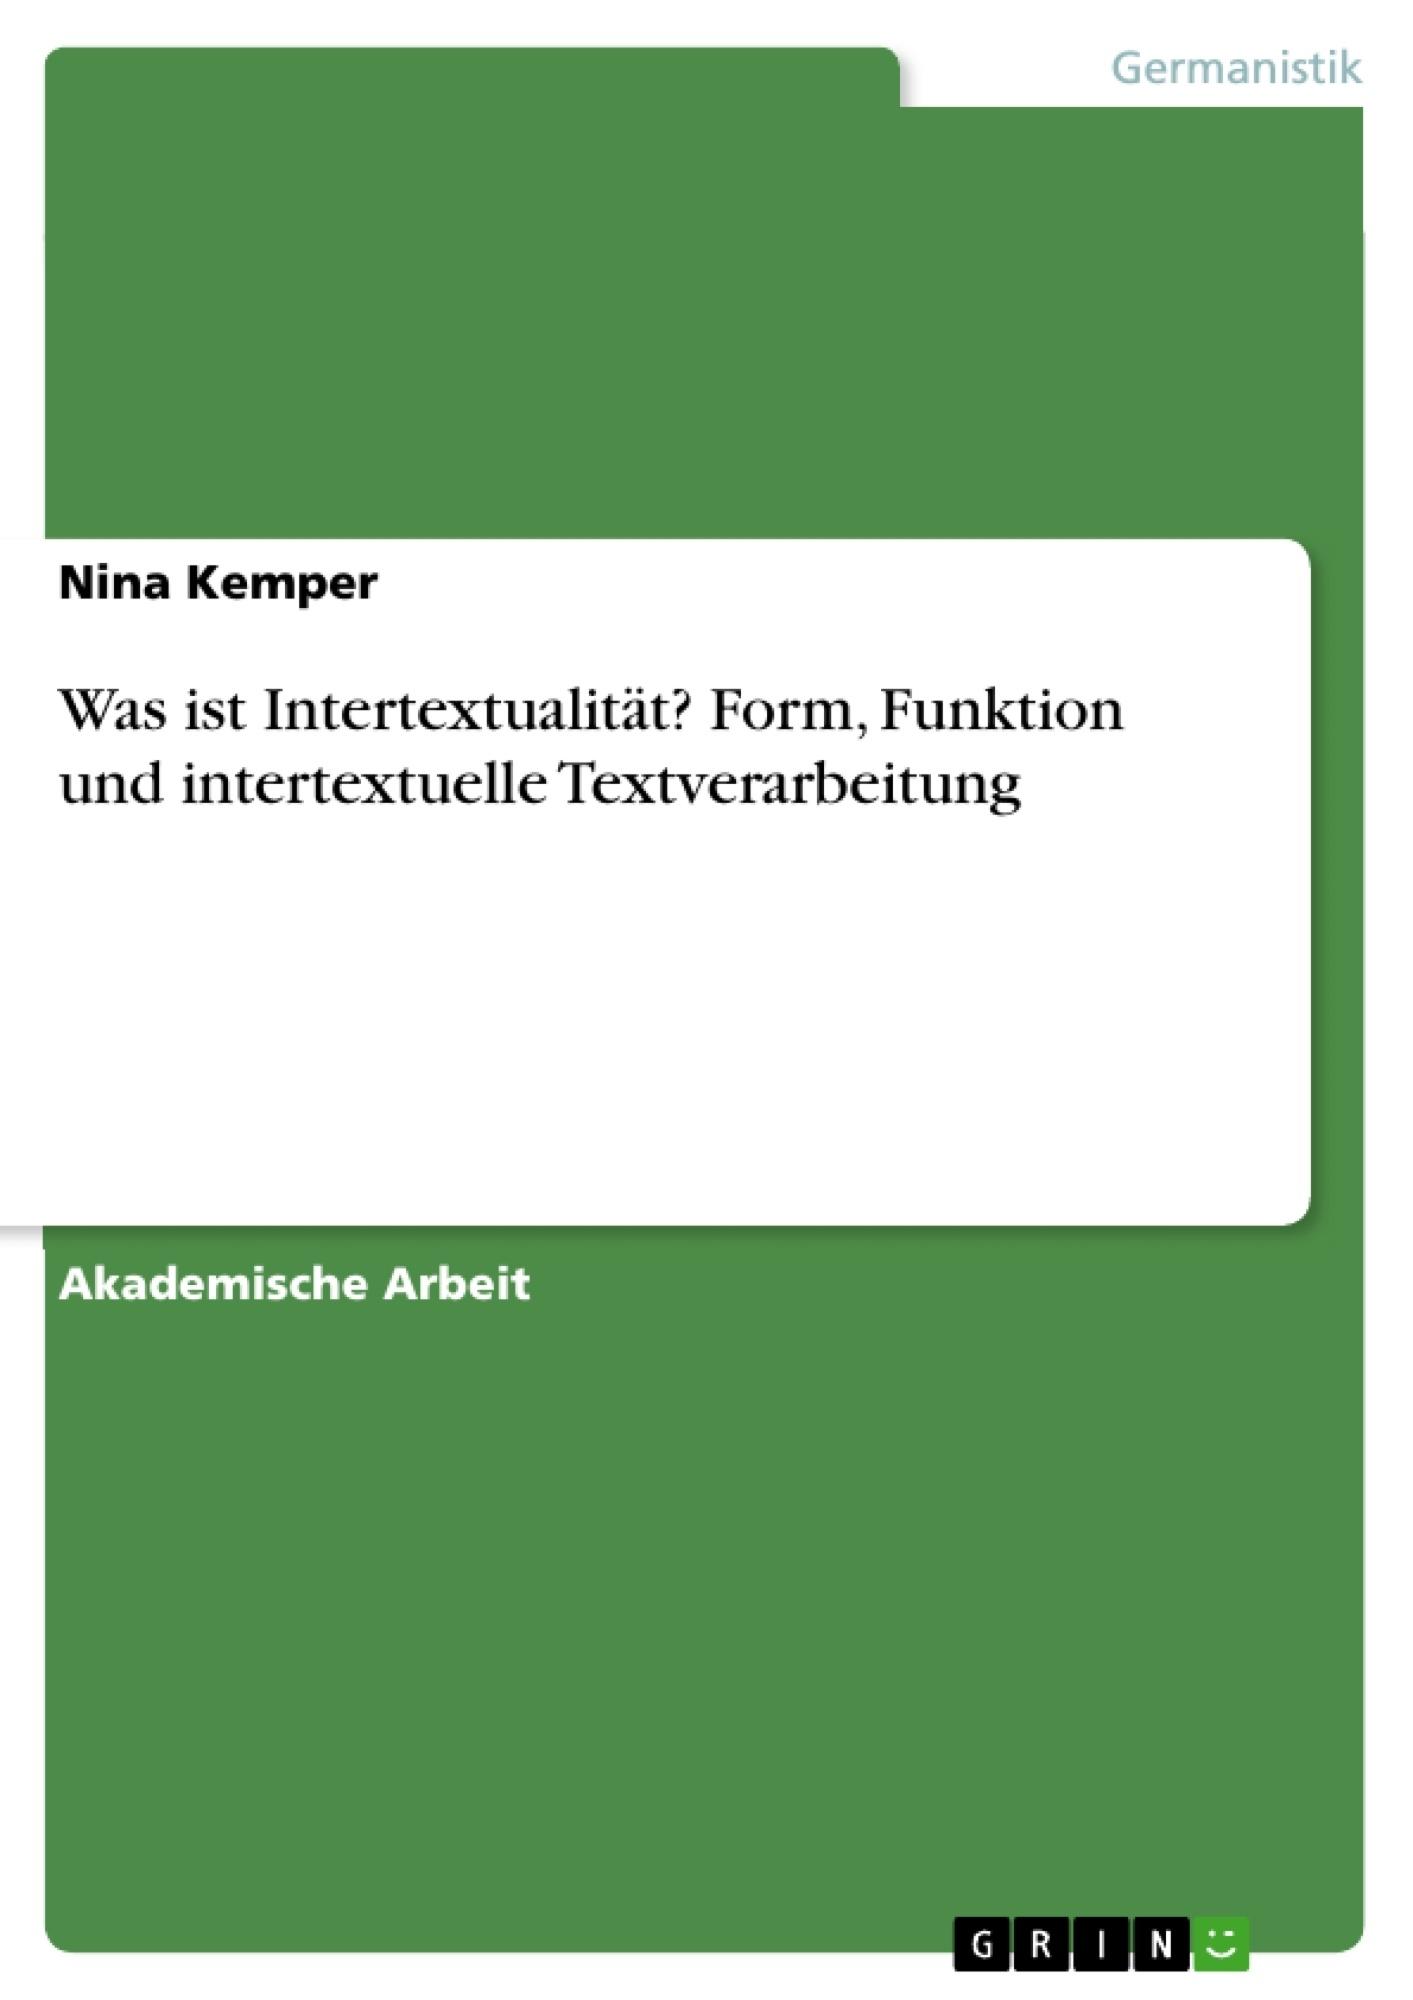 Titel: Was ist Intertextualität? Form, Funktion und intertextuelle Textverarbeitung